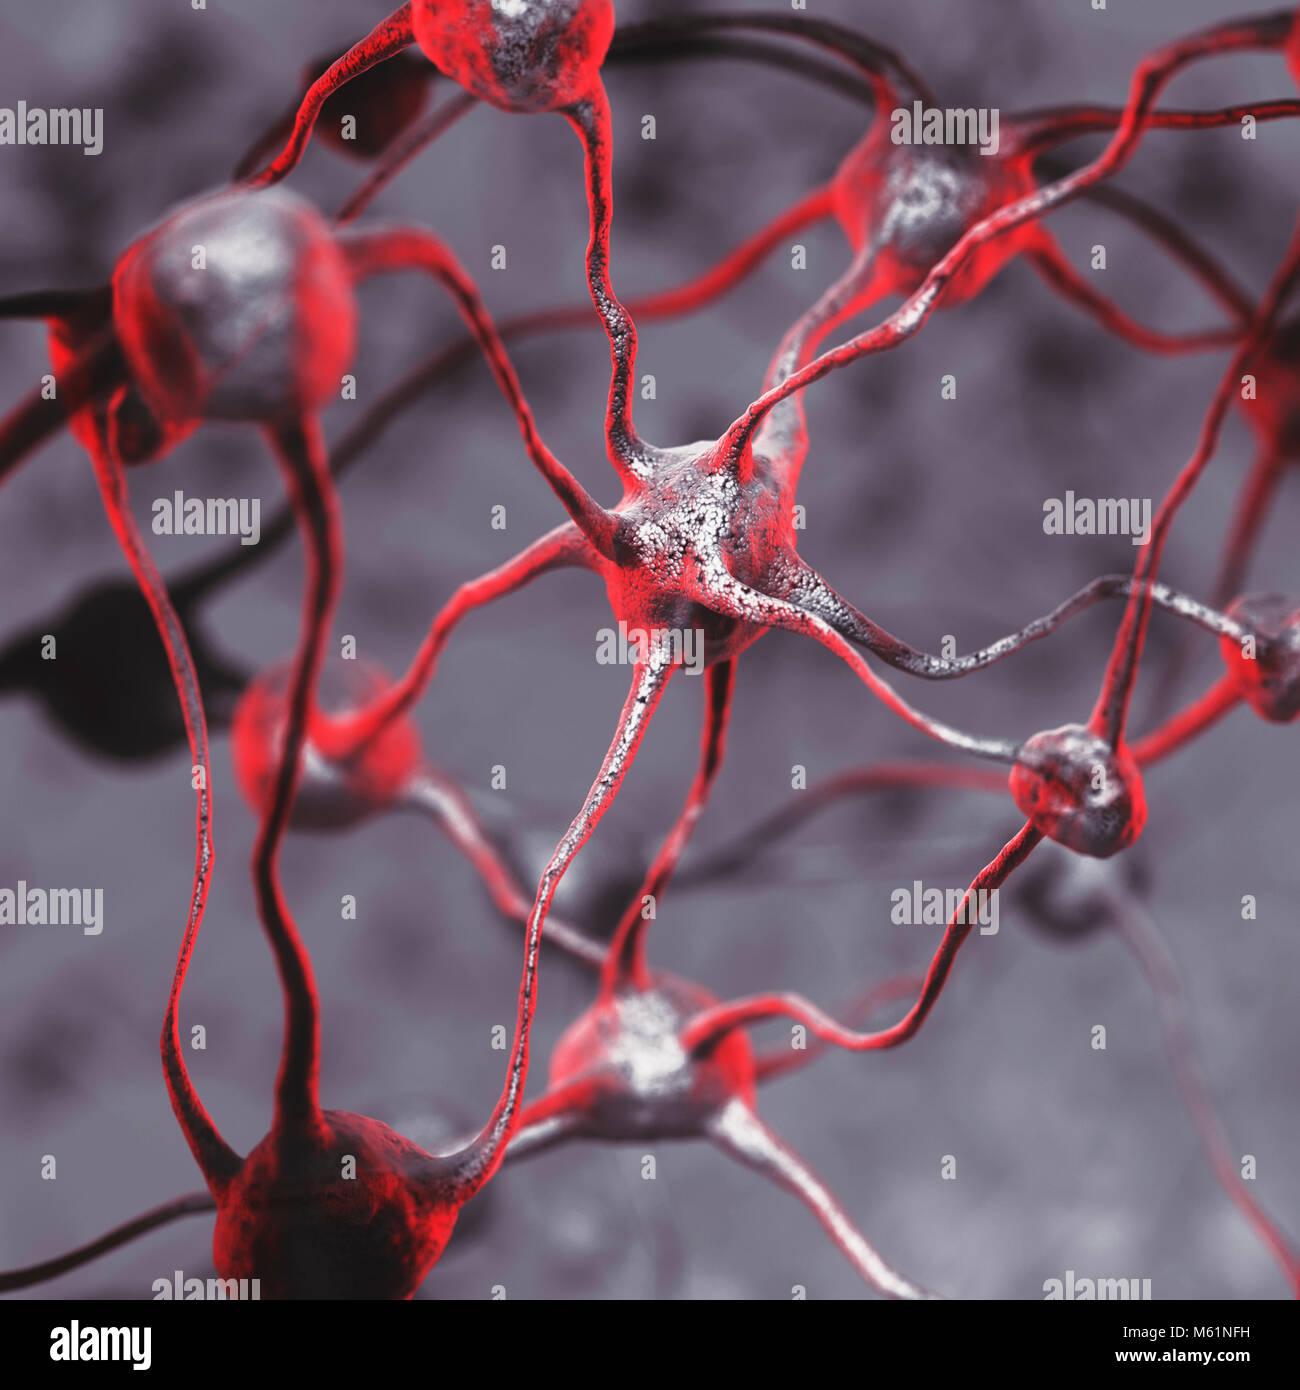 Ilustración 3D de una red neuronal biológica del cerebro humano, las neuronas interconectadas, las células Imagen De Stock